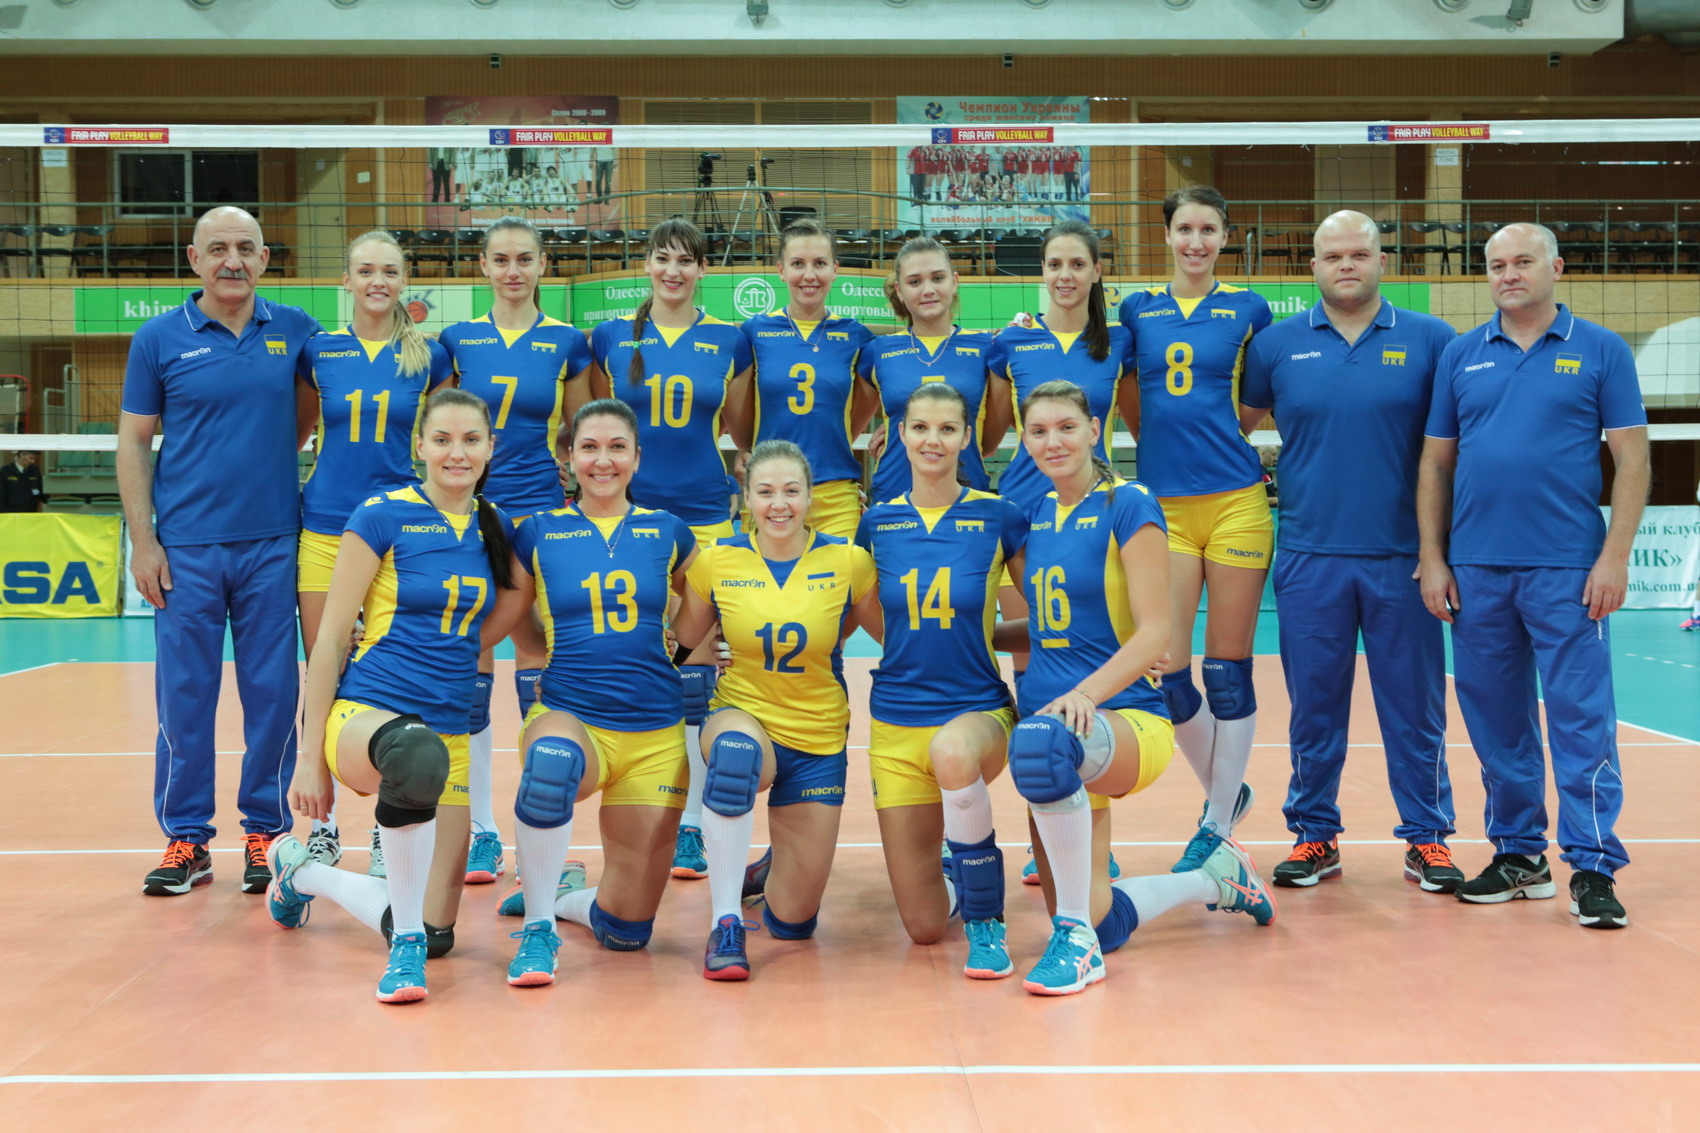 збірна України